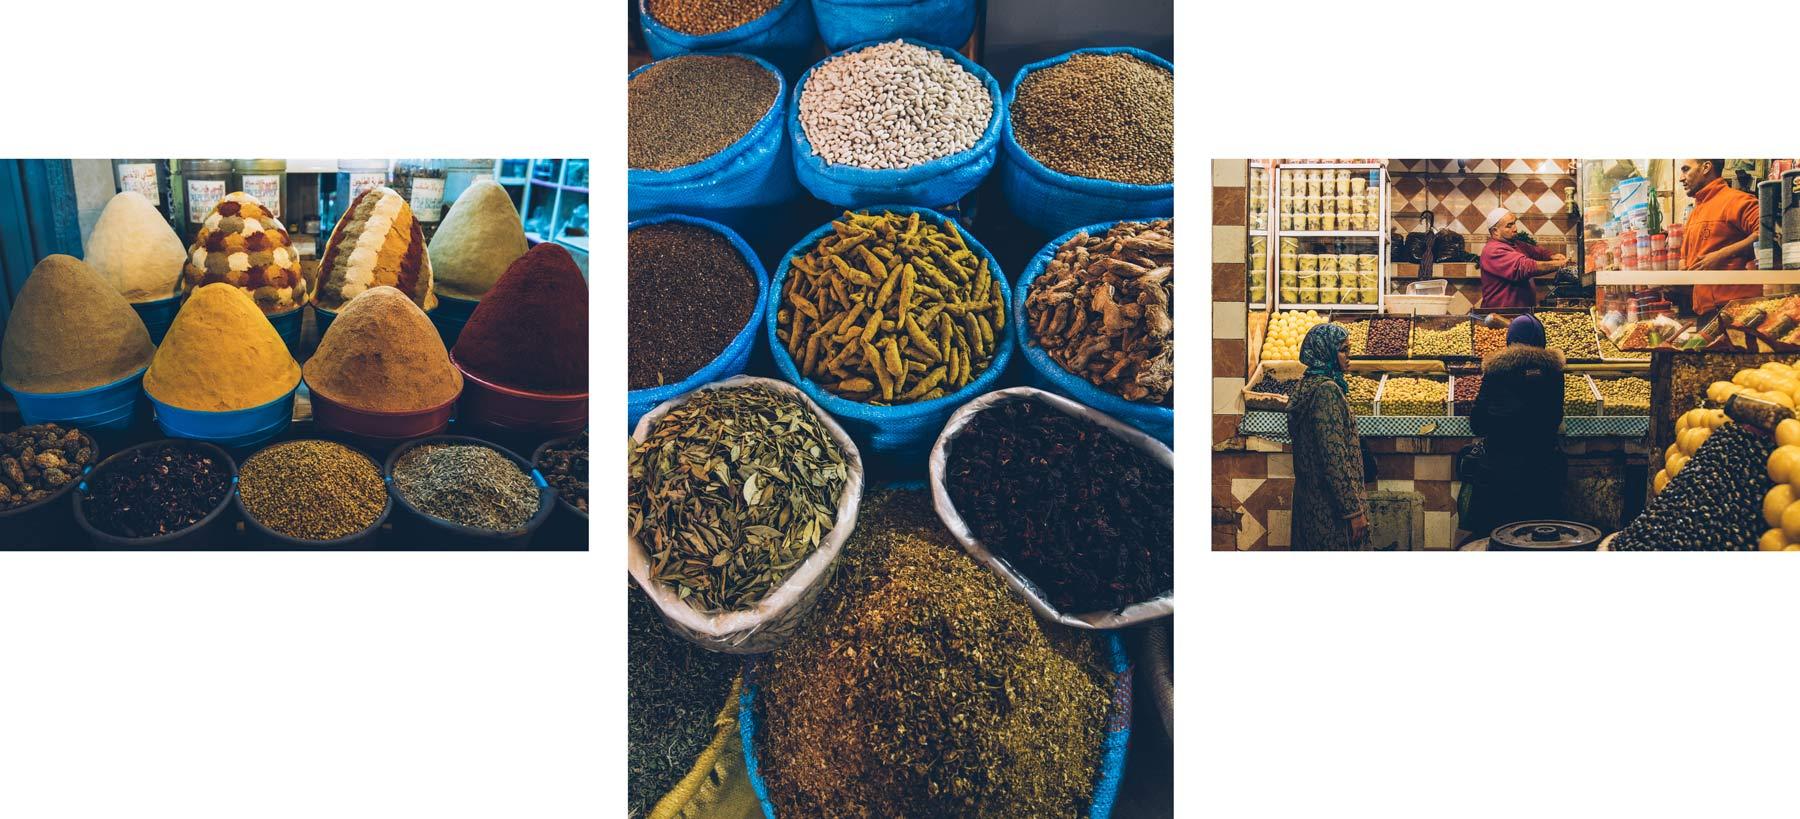 Marché Meknès, Maroc